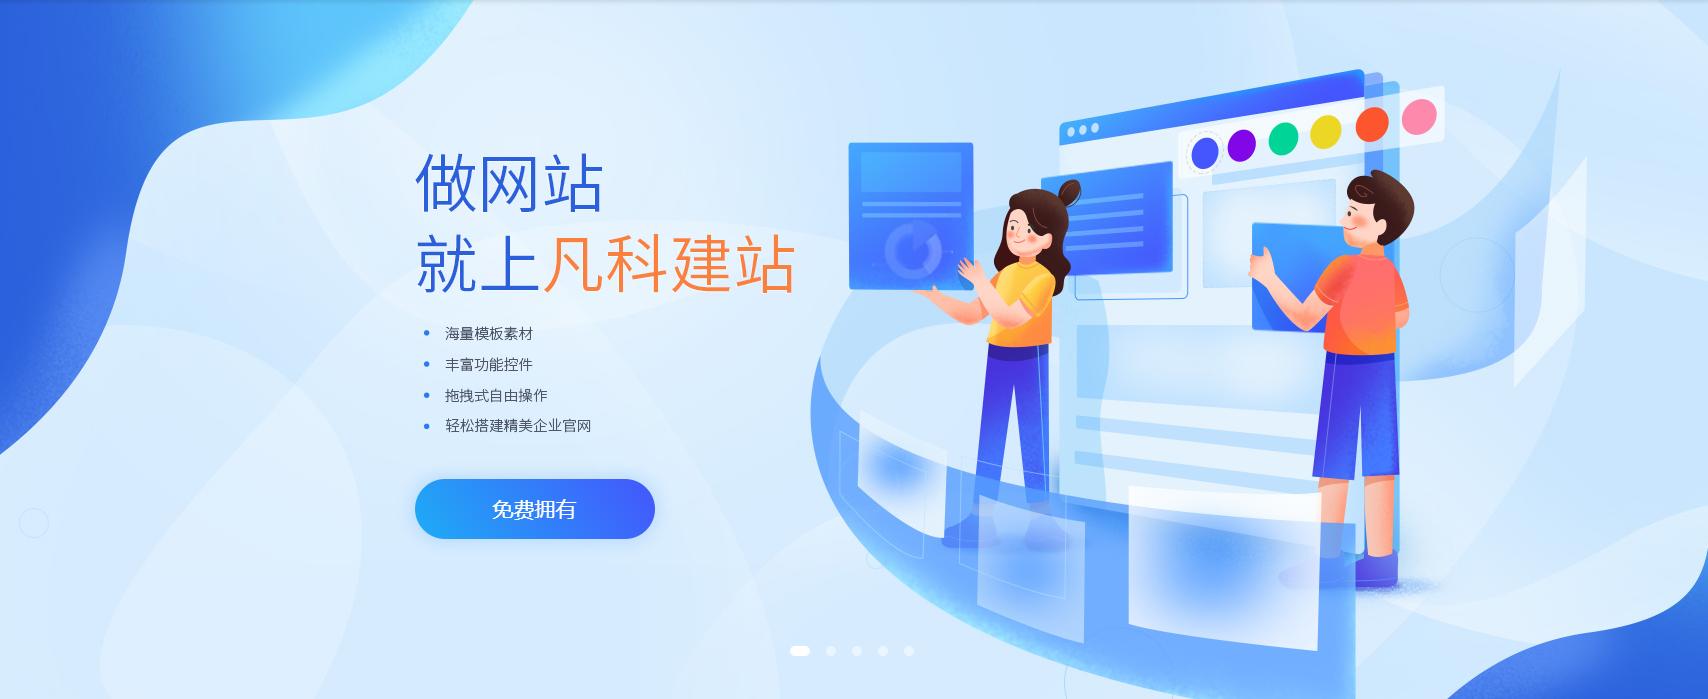 网站设计banner文字